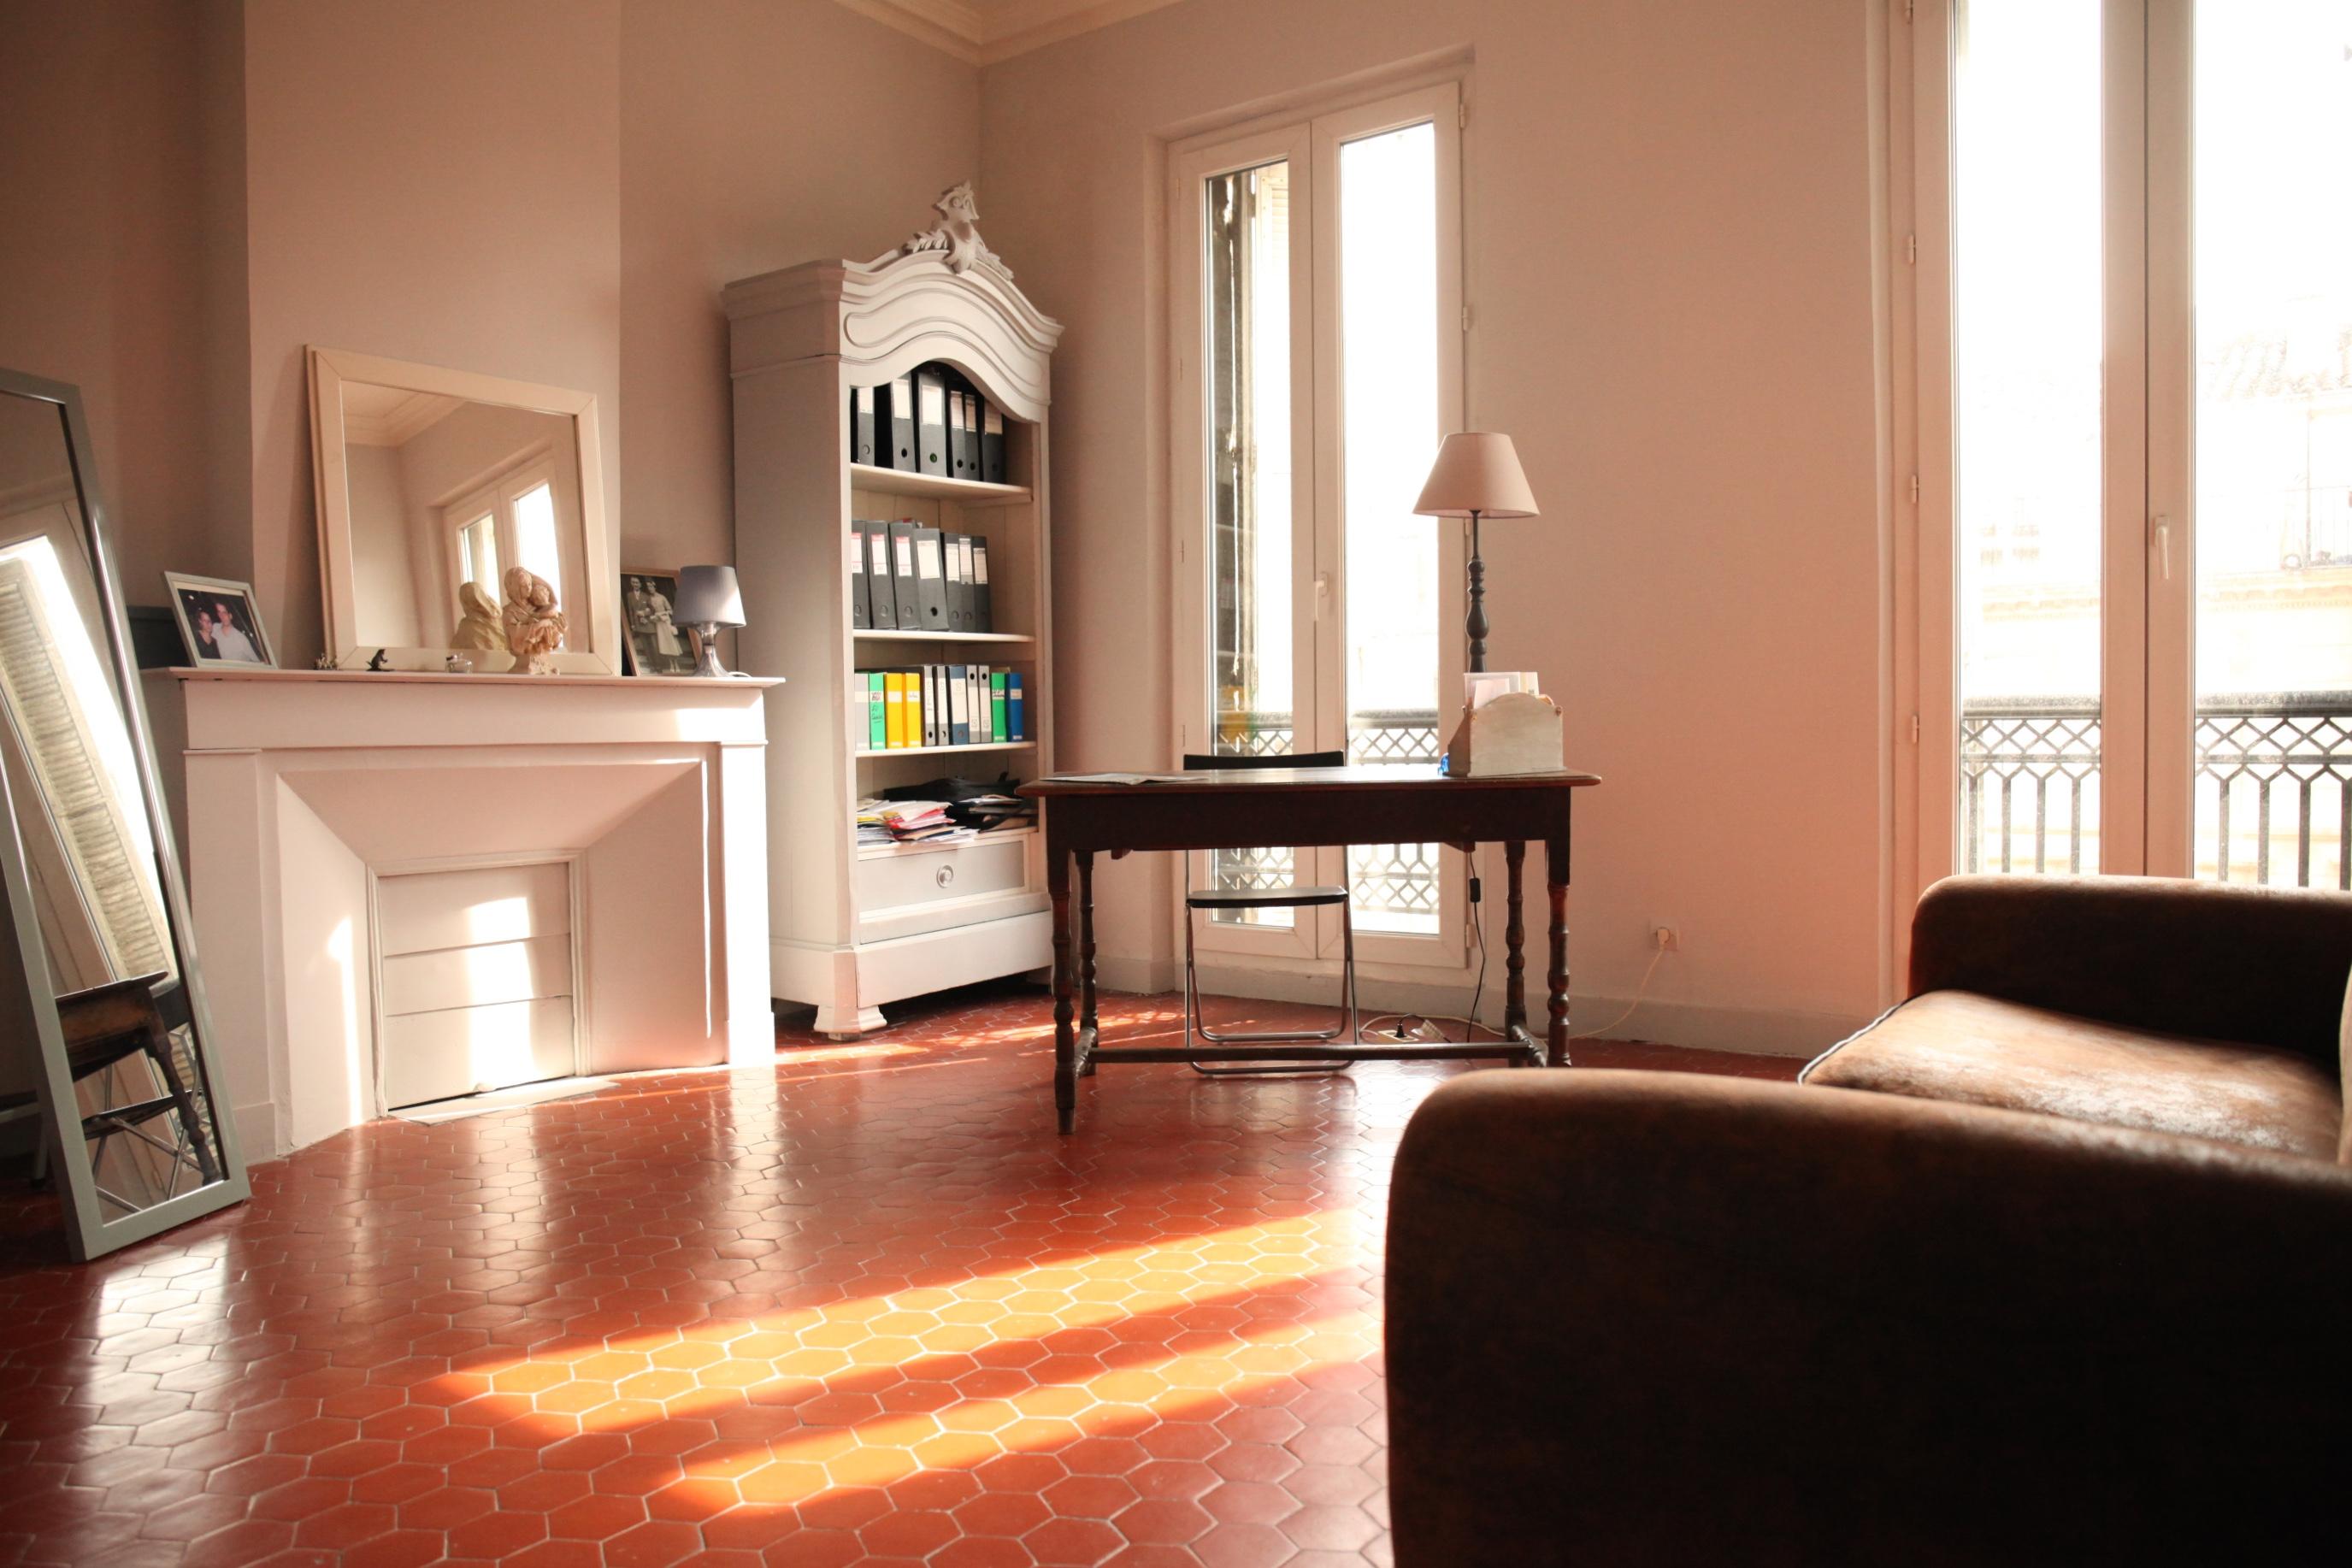 1er- Palais Longchamp - T4/5 - 3 chambres de services - 449000€